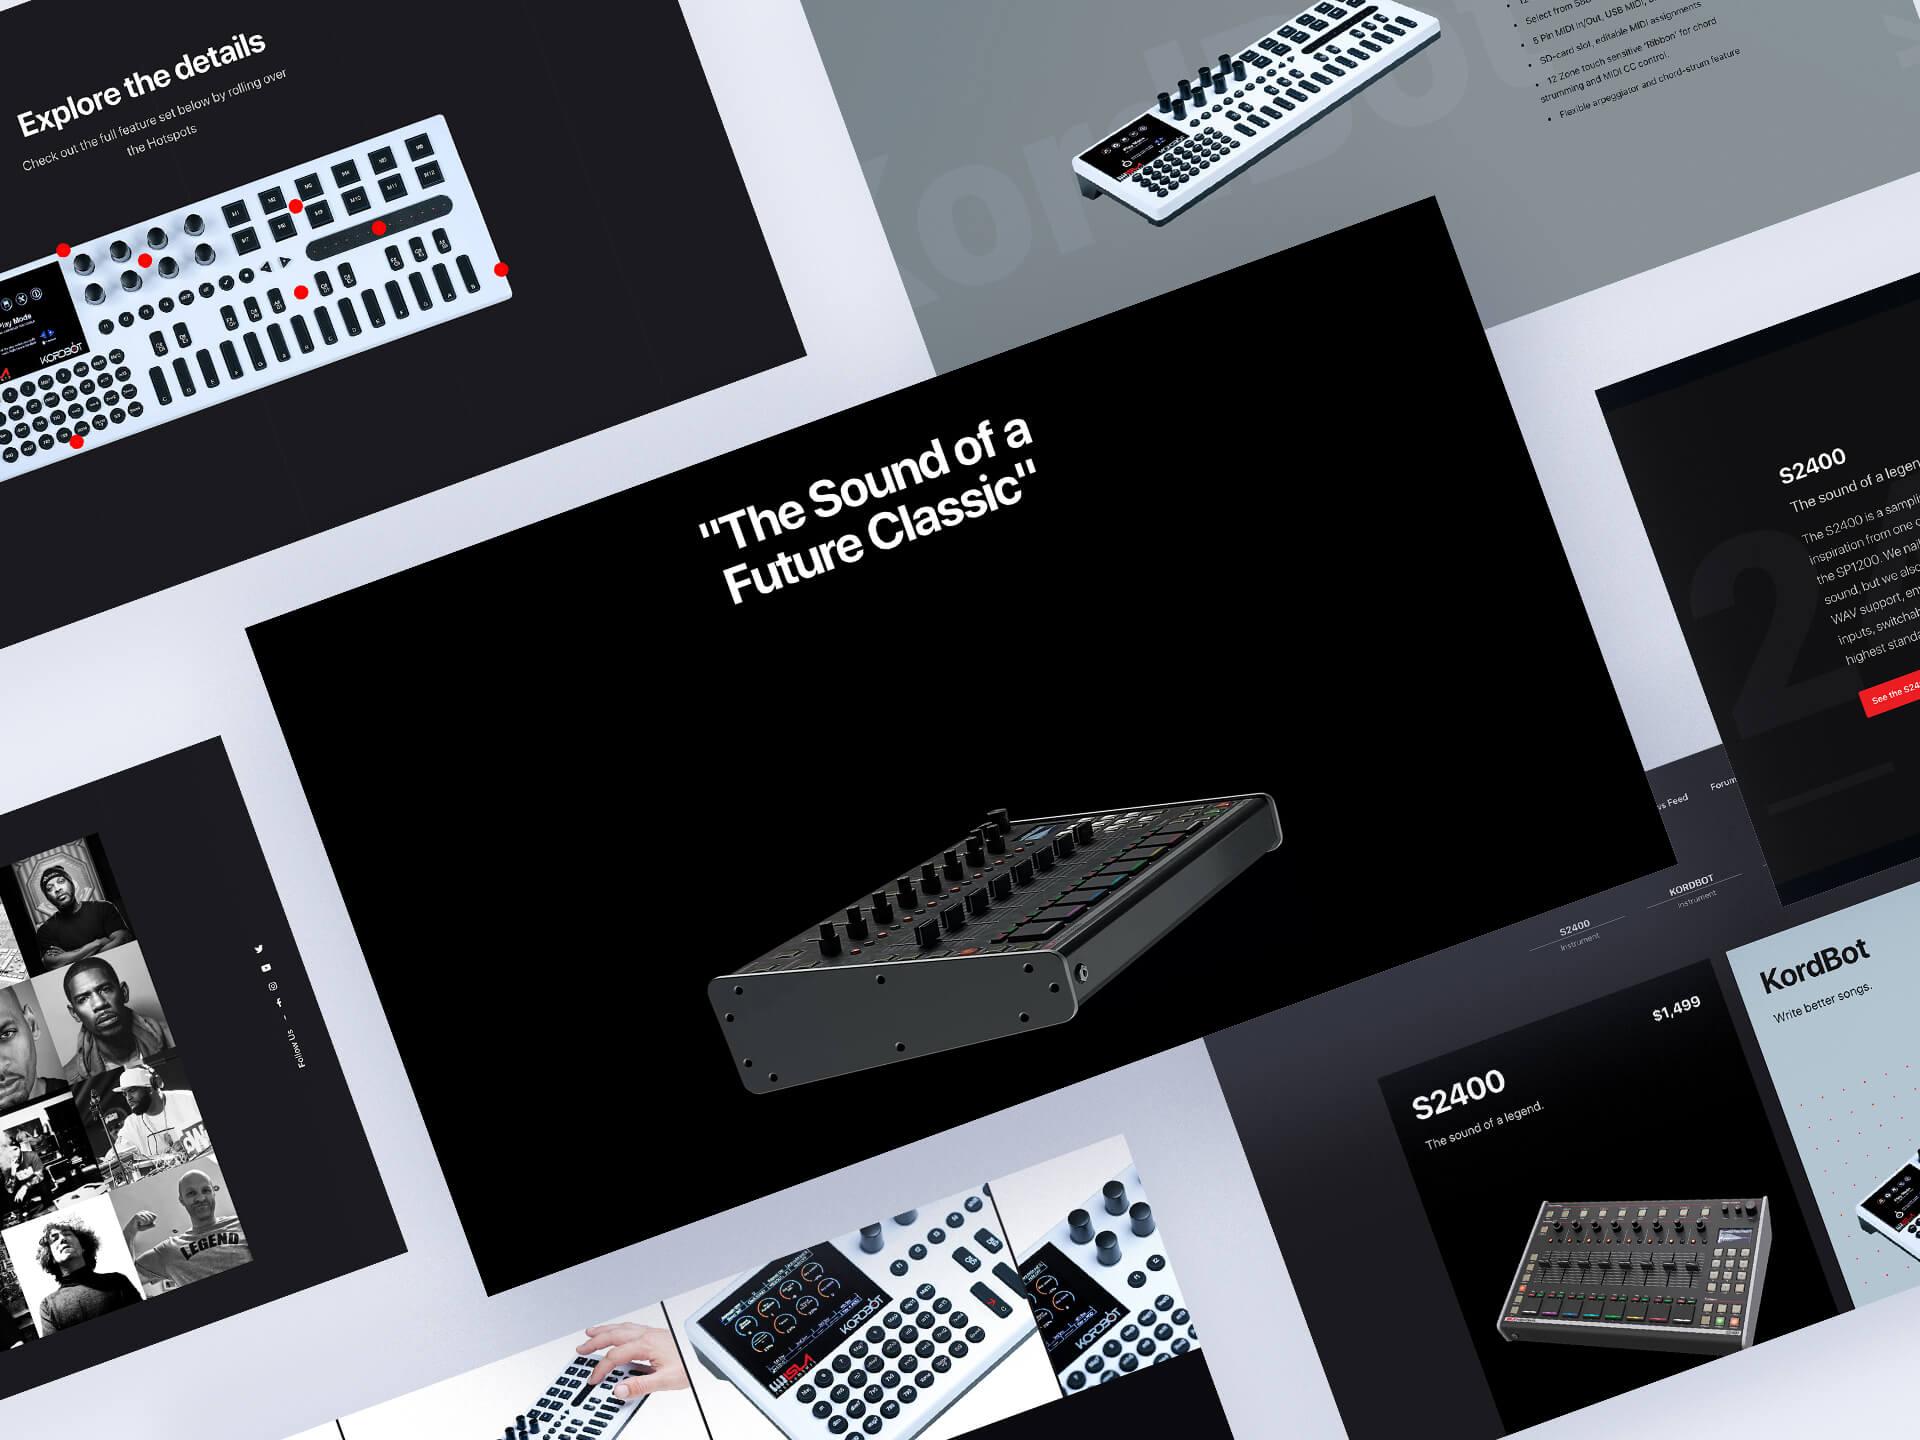 isla instruments website design